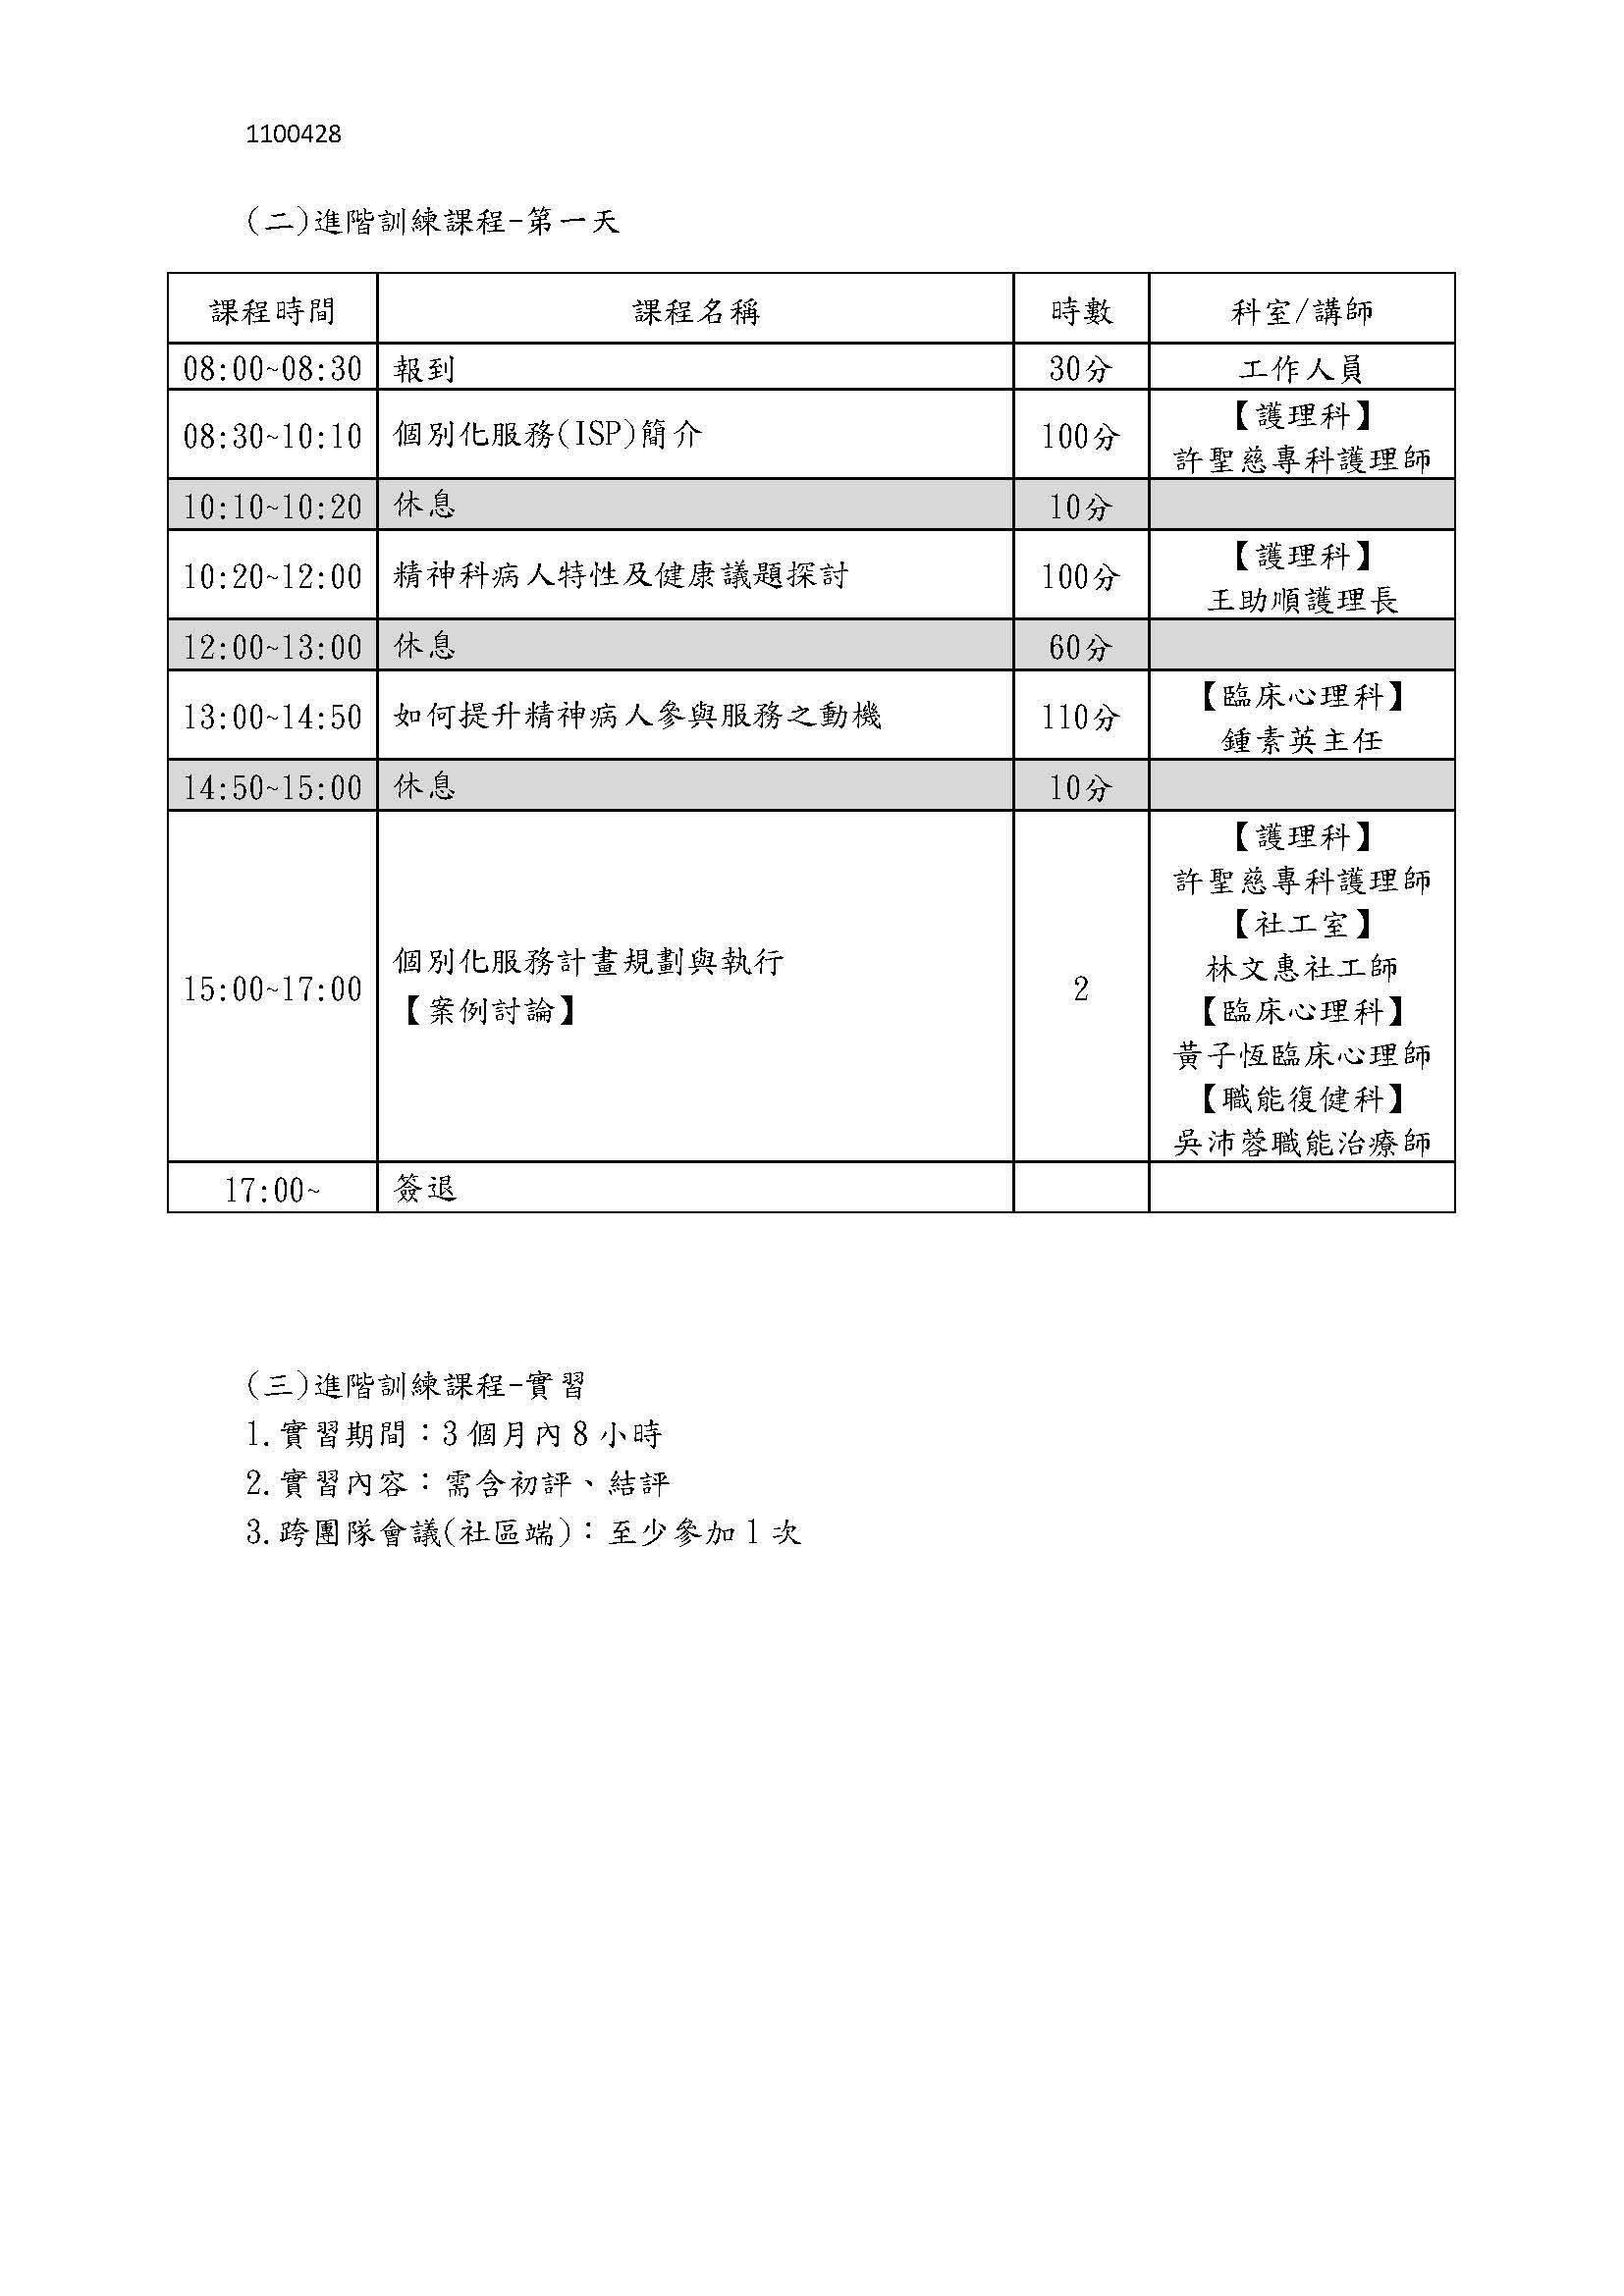 「���e化服�沼�声音��(ISP)�M定�c�绦小�)�J�C�n程_�面_2.jpg